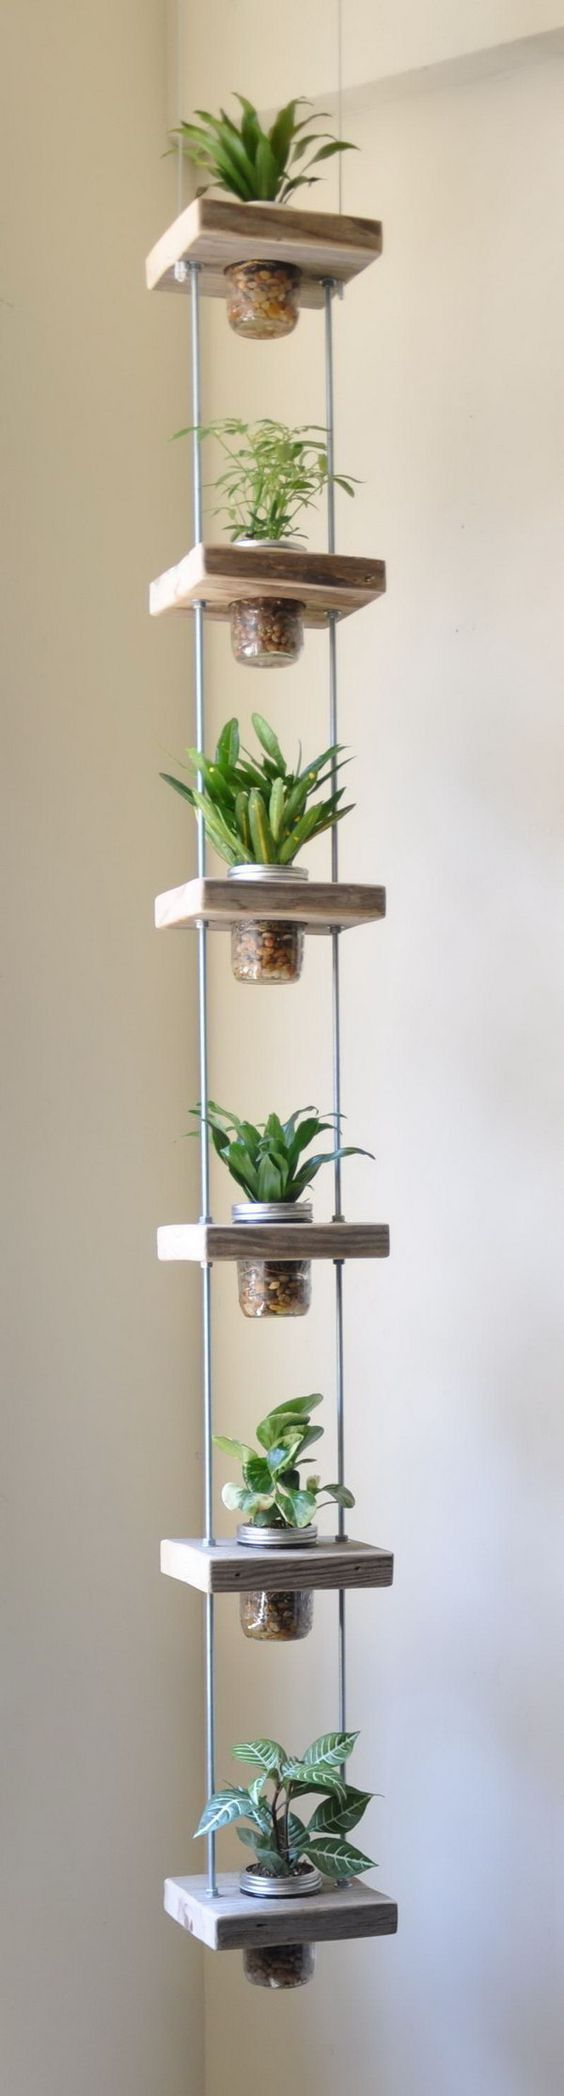 jardim-vertical-suspenso-inverno-ideias-11 Guia com 47 ideias para seu jardim…